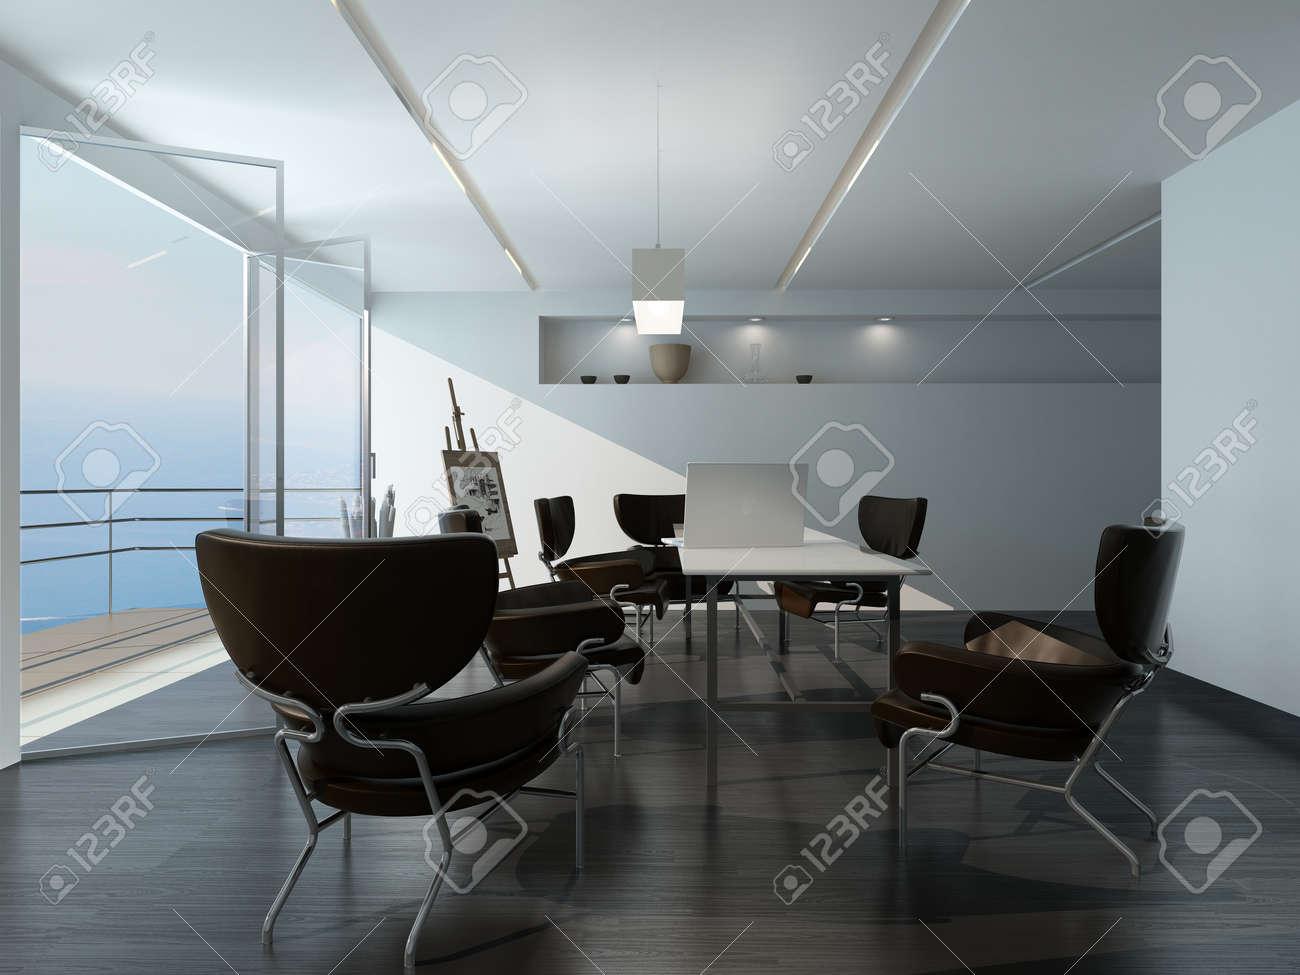 Moderne salle de réunion de bureau intérieur avec des fauteuils